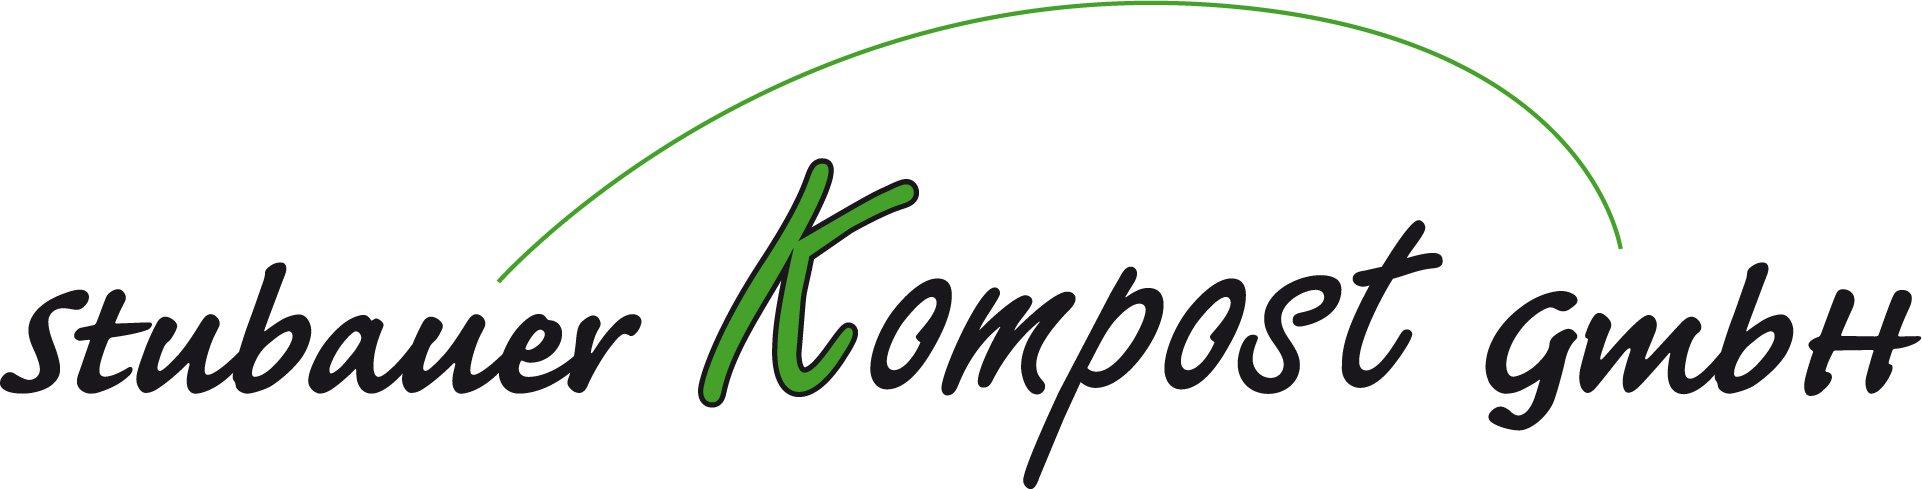 Stubauer Kompost GmbH